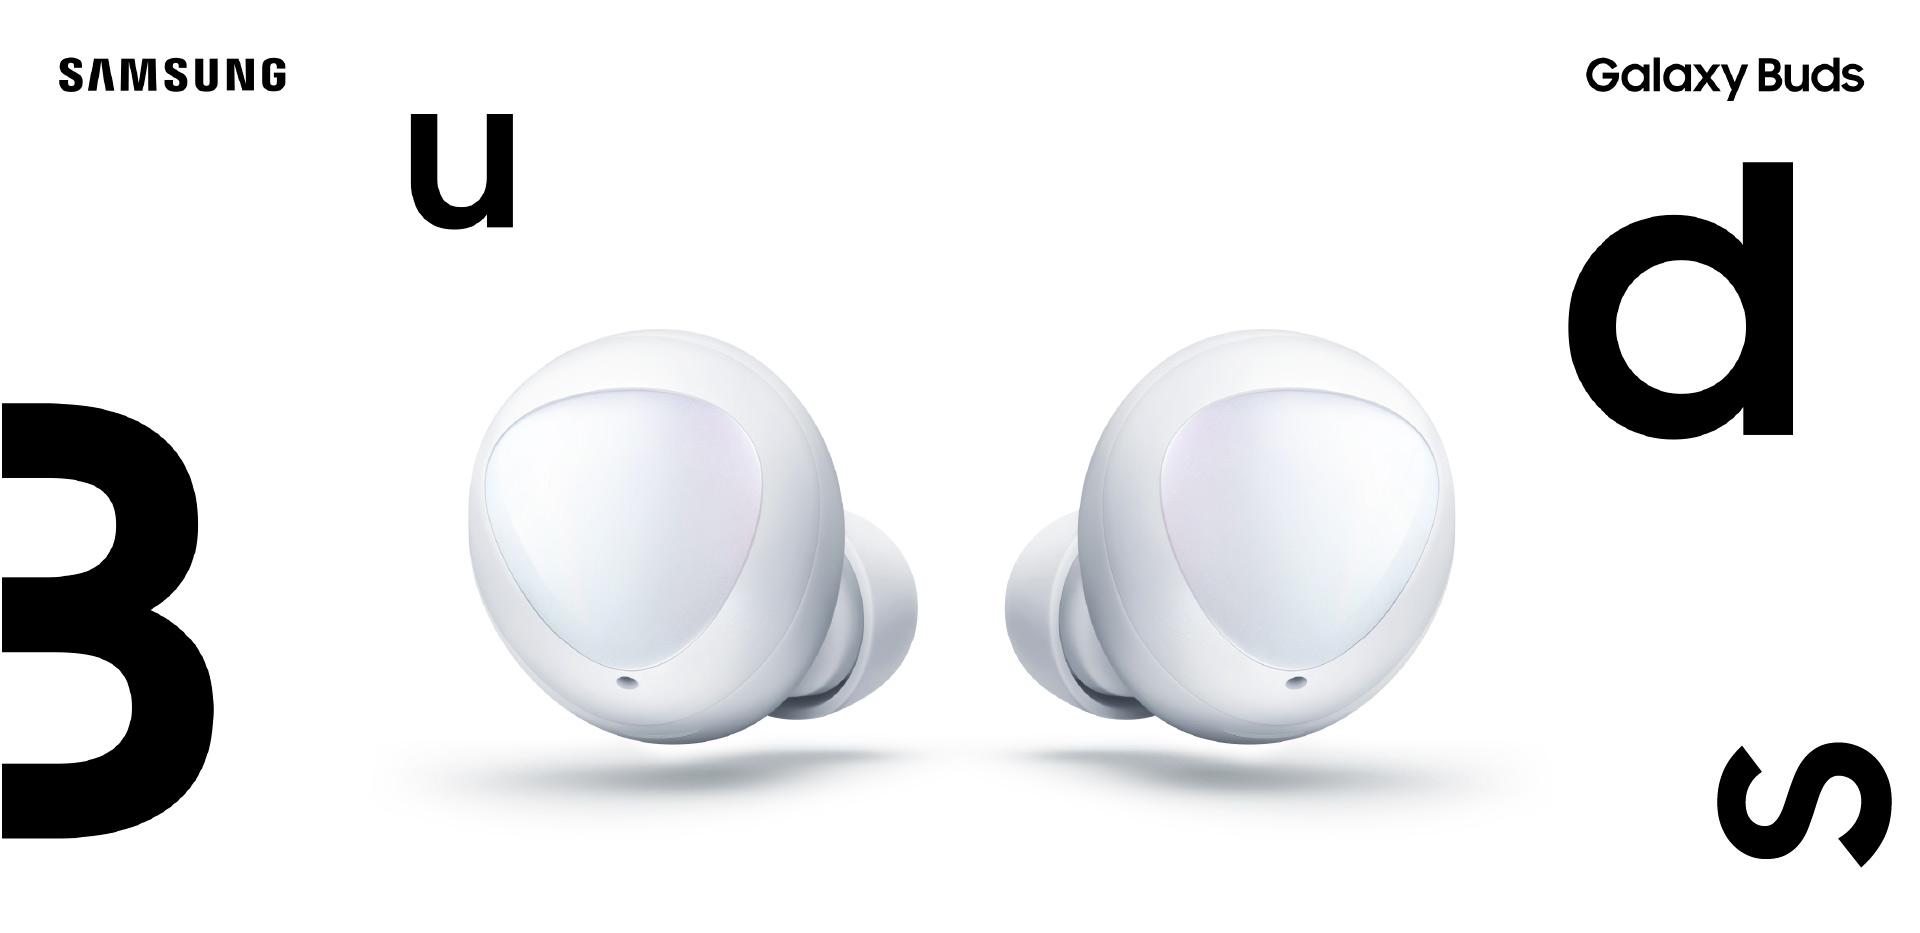 Galaxy-buds-Samsung-Alkosto-1